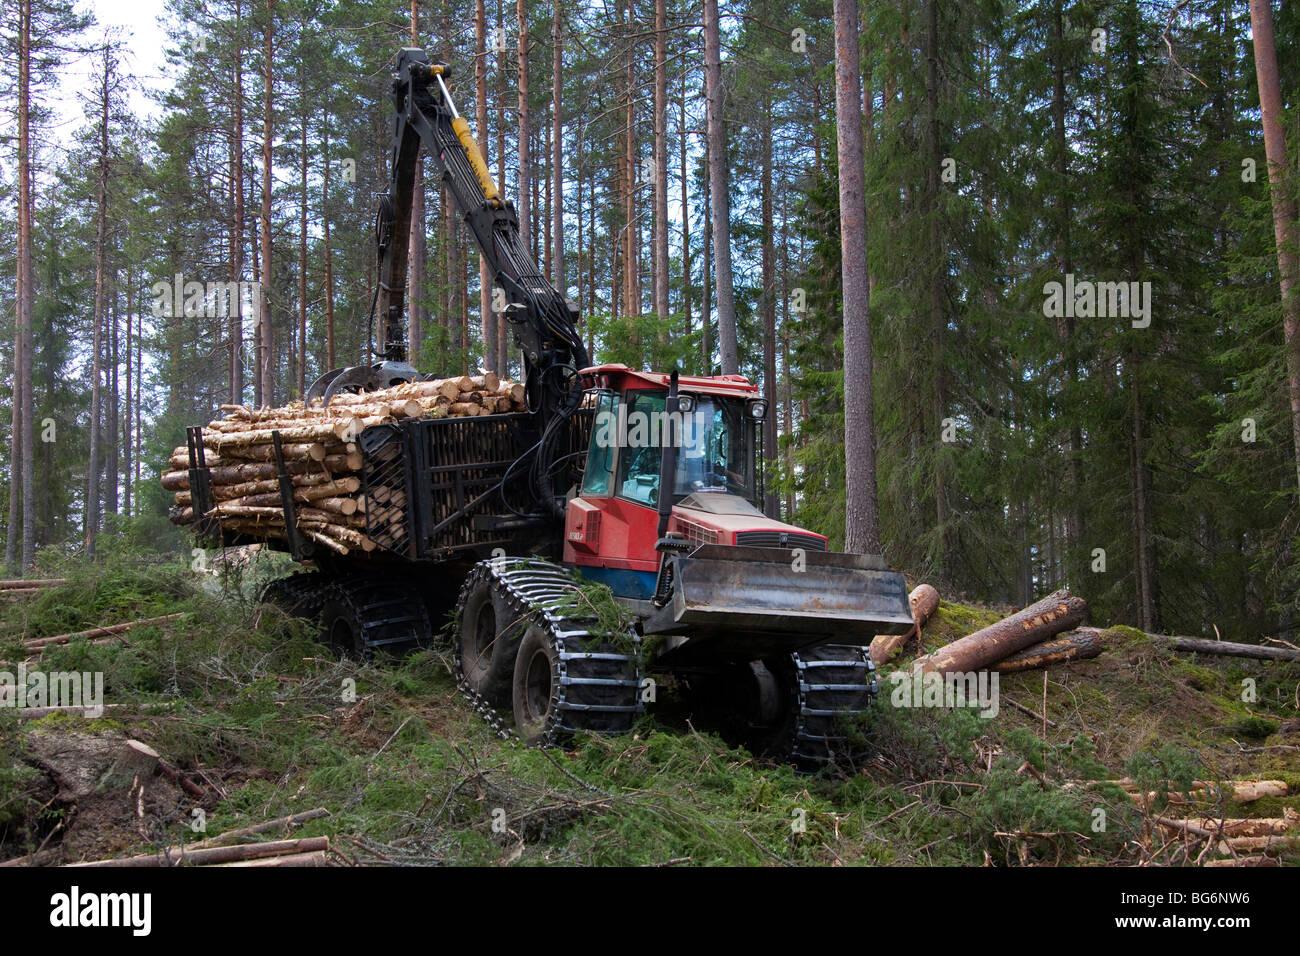 Timberjack fotos timberjack imagens de stock alamy indstria madeireira mostrando madeira rvores sendo carregado em mquinas florestais timberjack imagens de stock fandeluxe Gallery